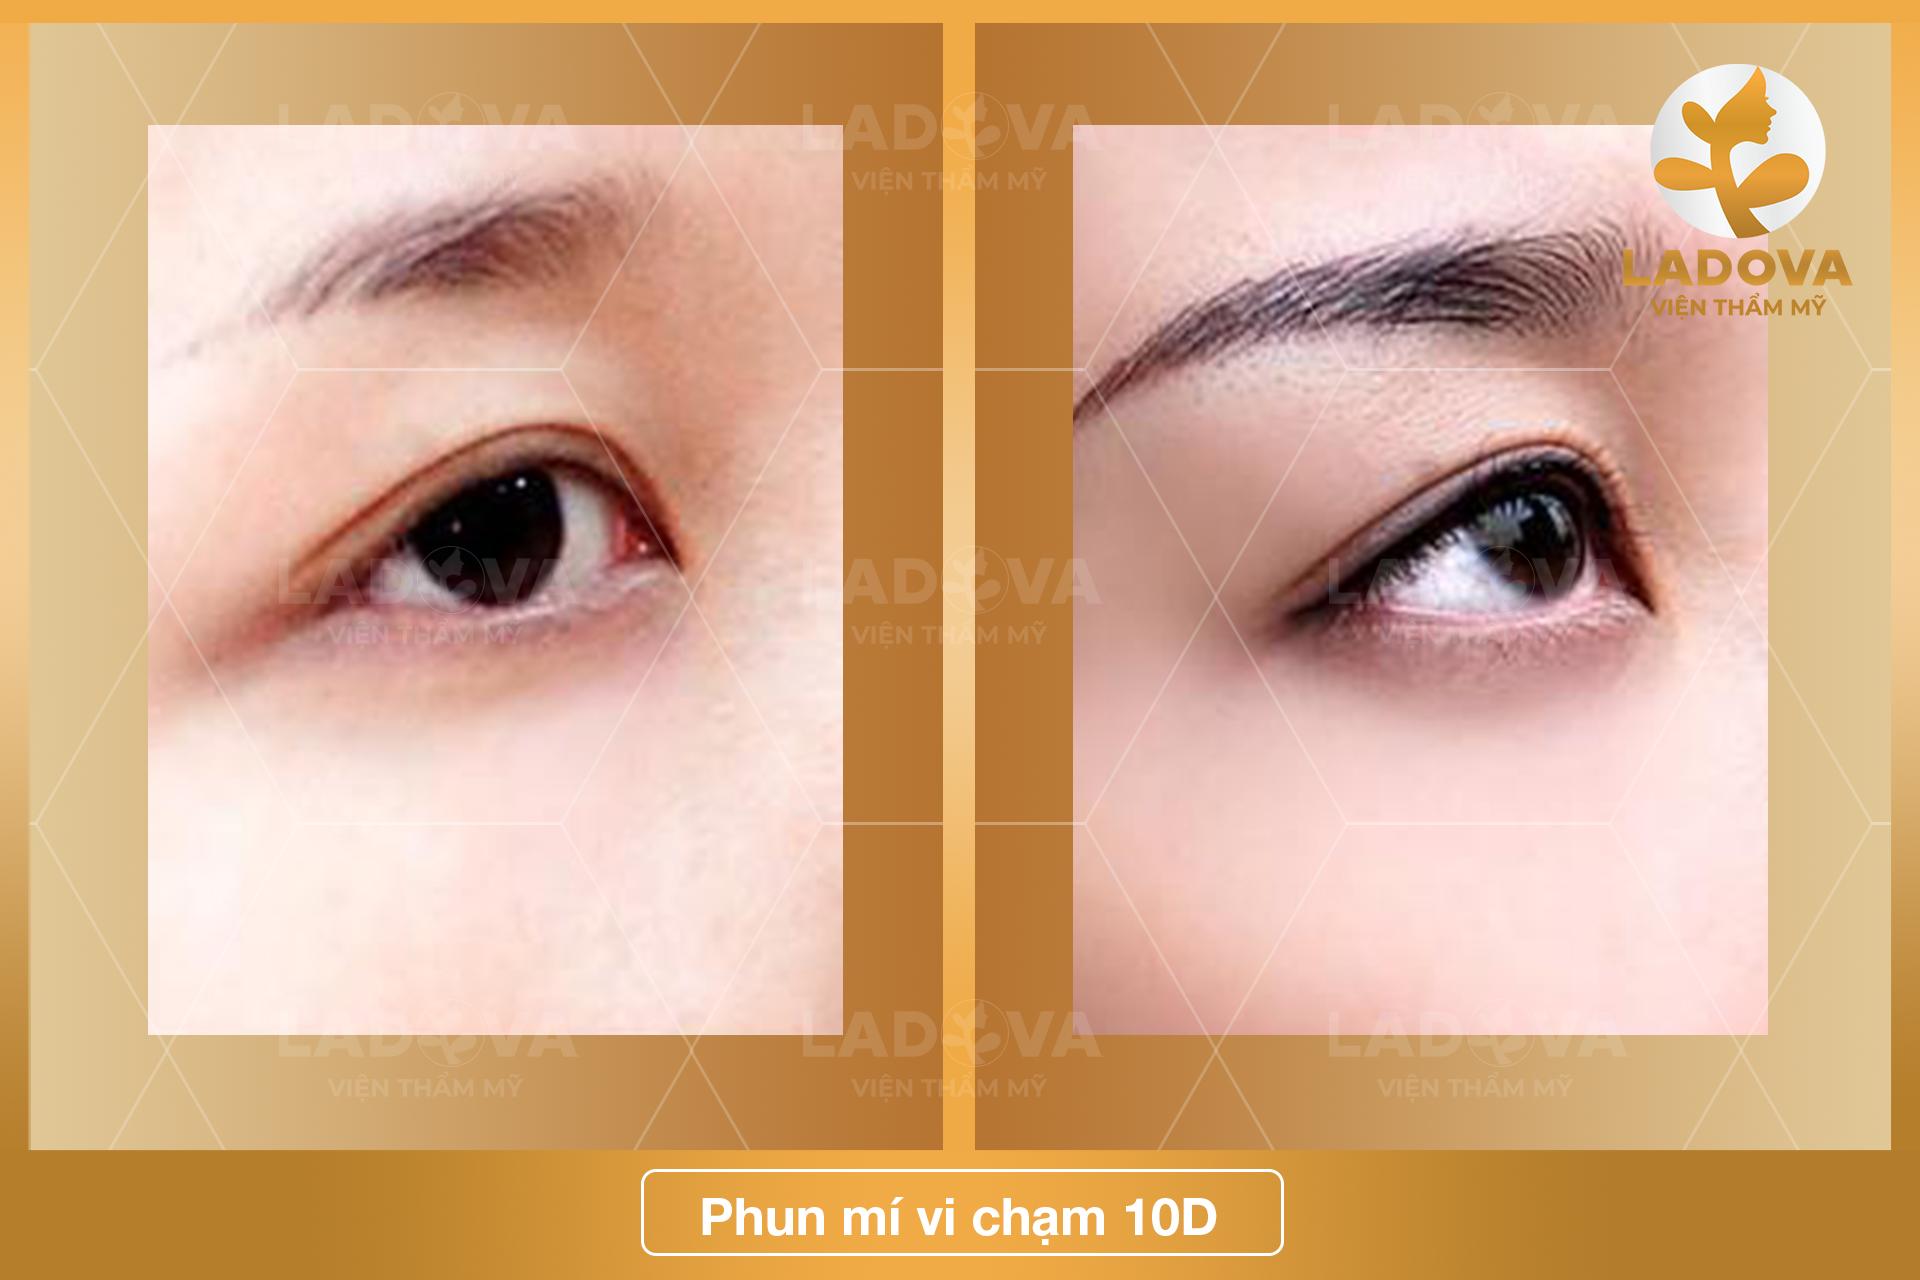 phun-mi-vi-cham-10d-ladova